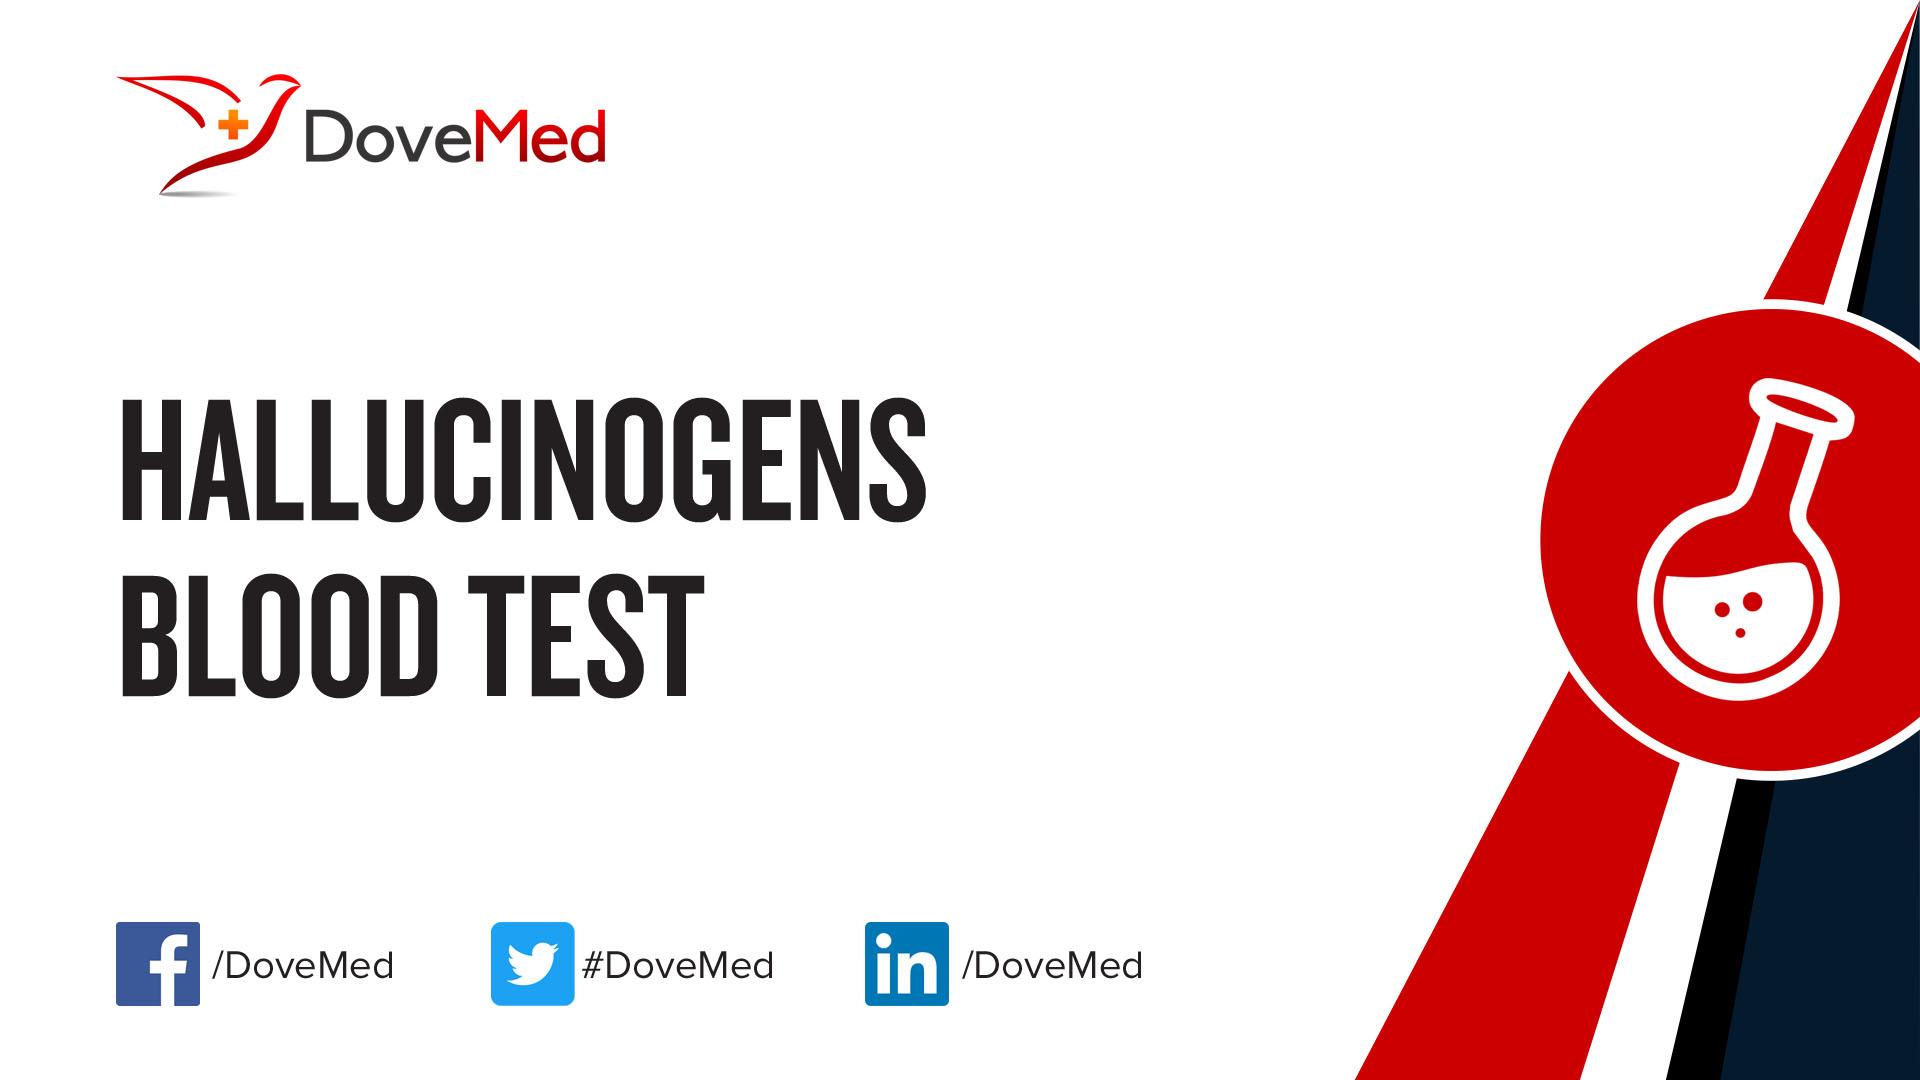 Hallucinogens Blood Test